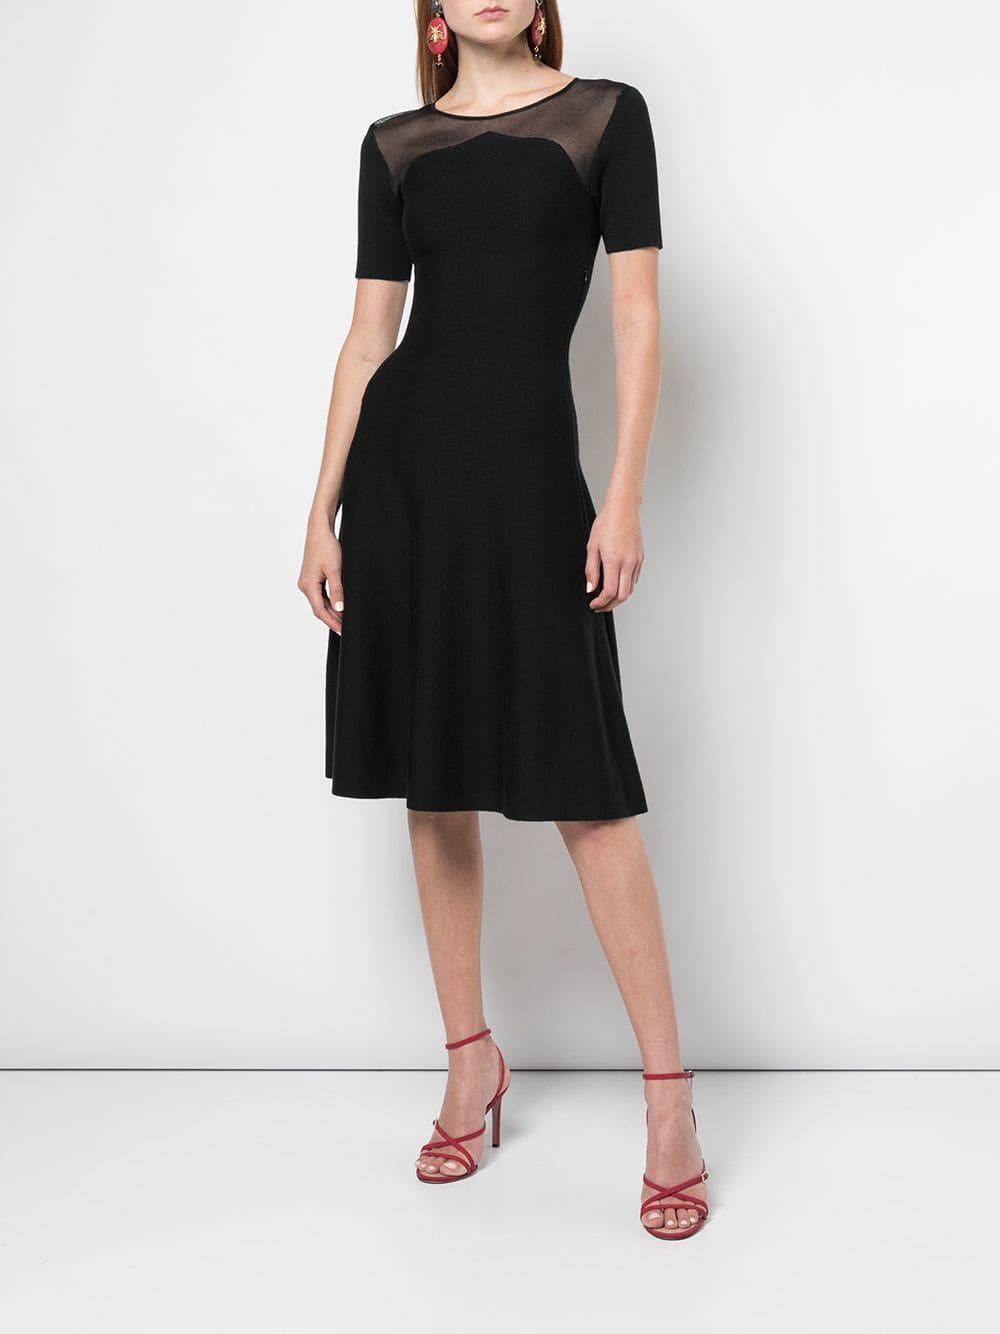 OSCAR DE LA RENTA Sheer Panel Midi Dress